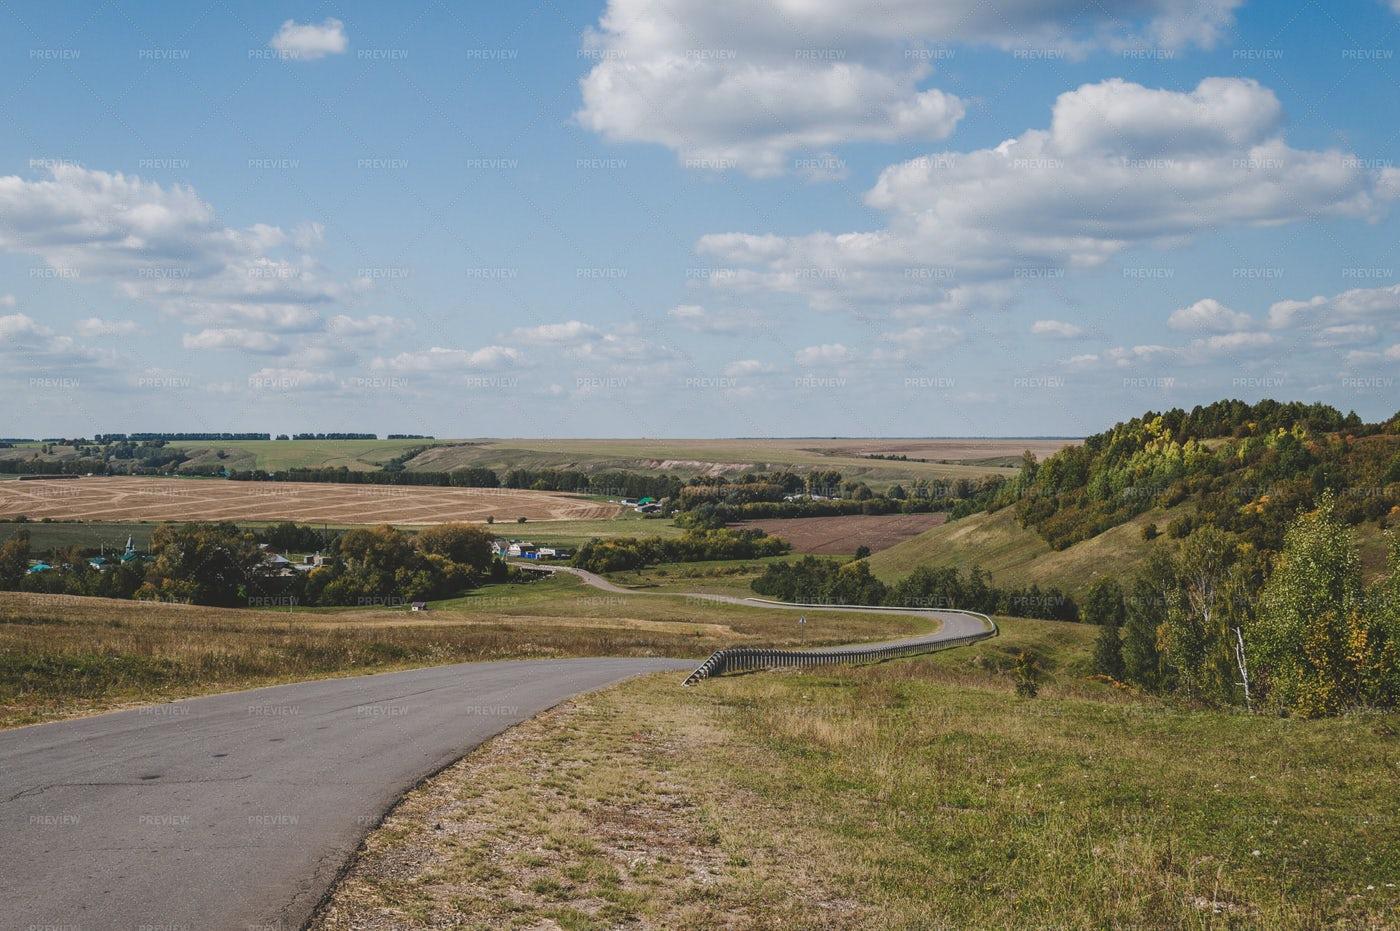 Narrow Road Through The Countryside: Stock Photos